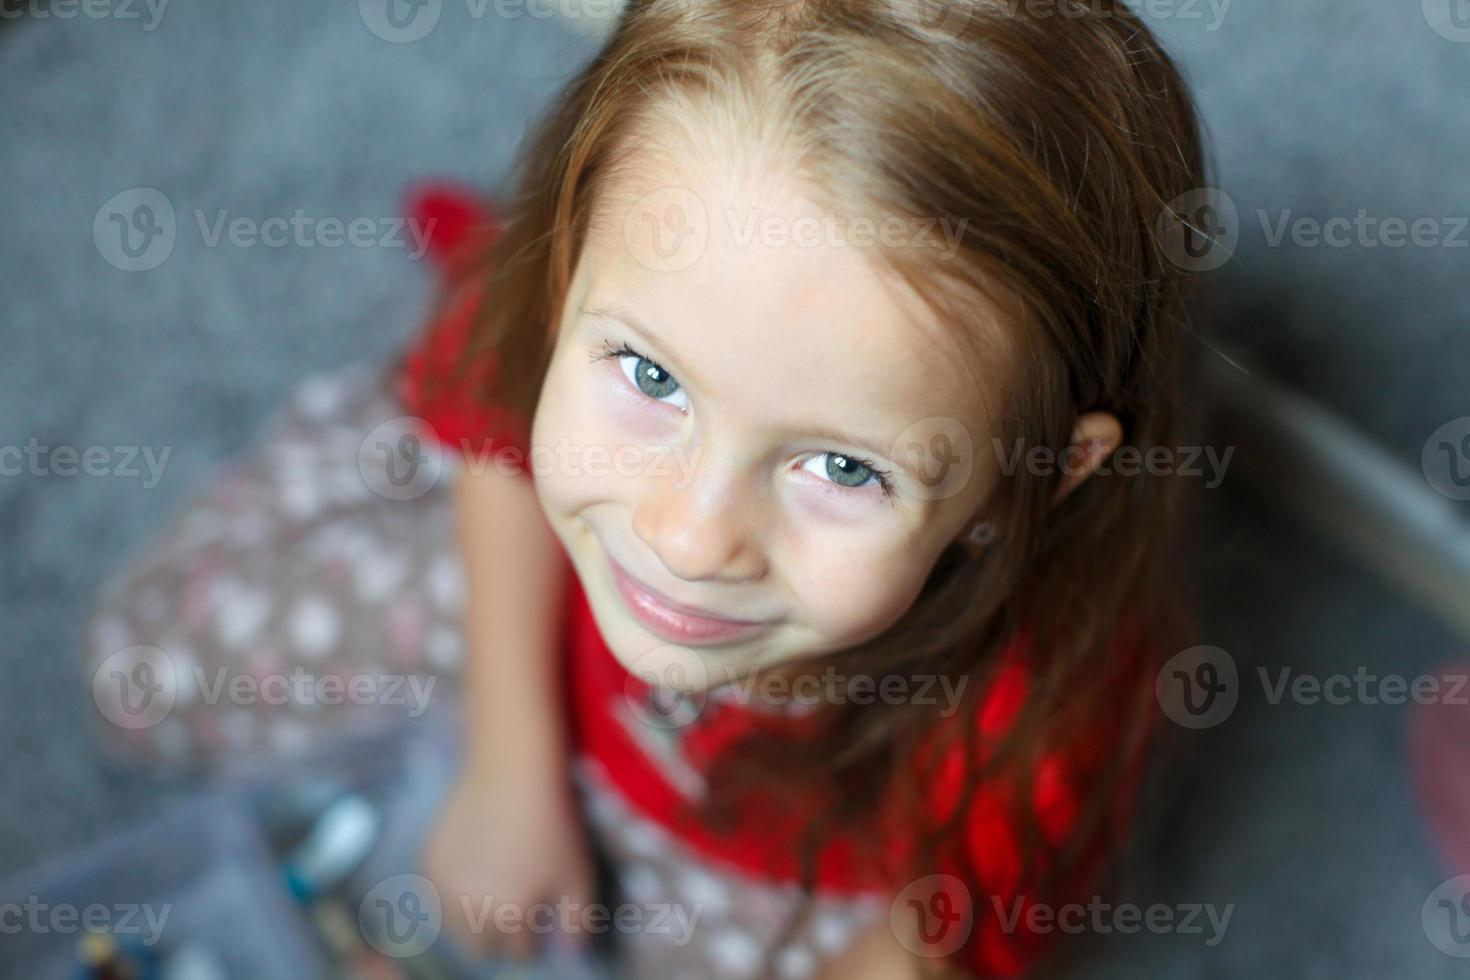 visage gros plan d'une belle petite fille mignonne aux yeux bleus photo